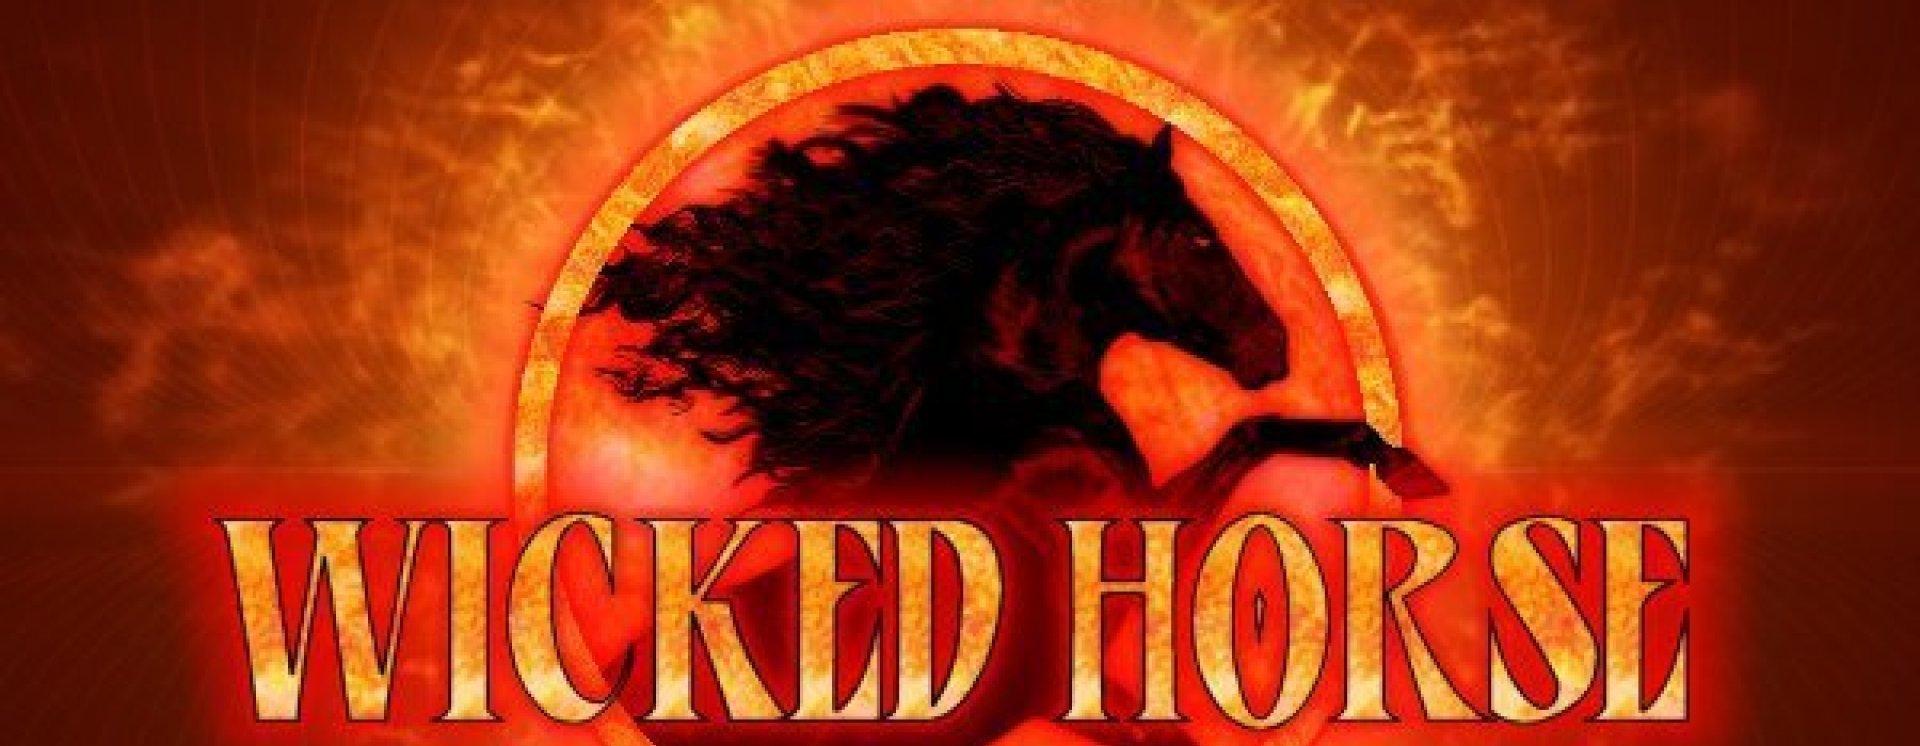 1406342669 wickedhorsefirelogo01 copy